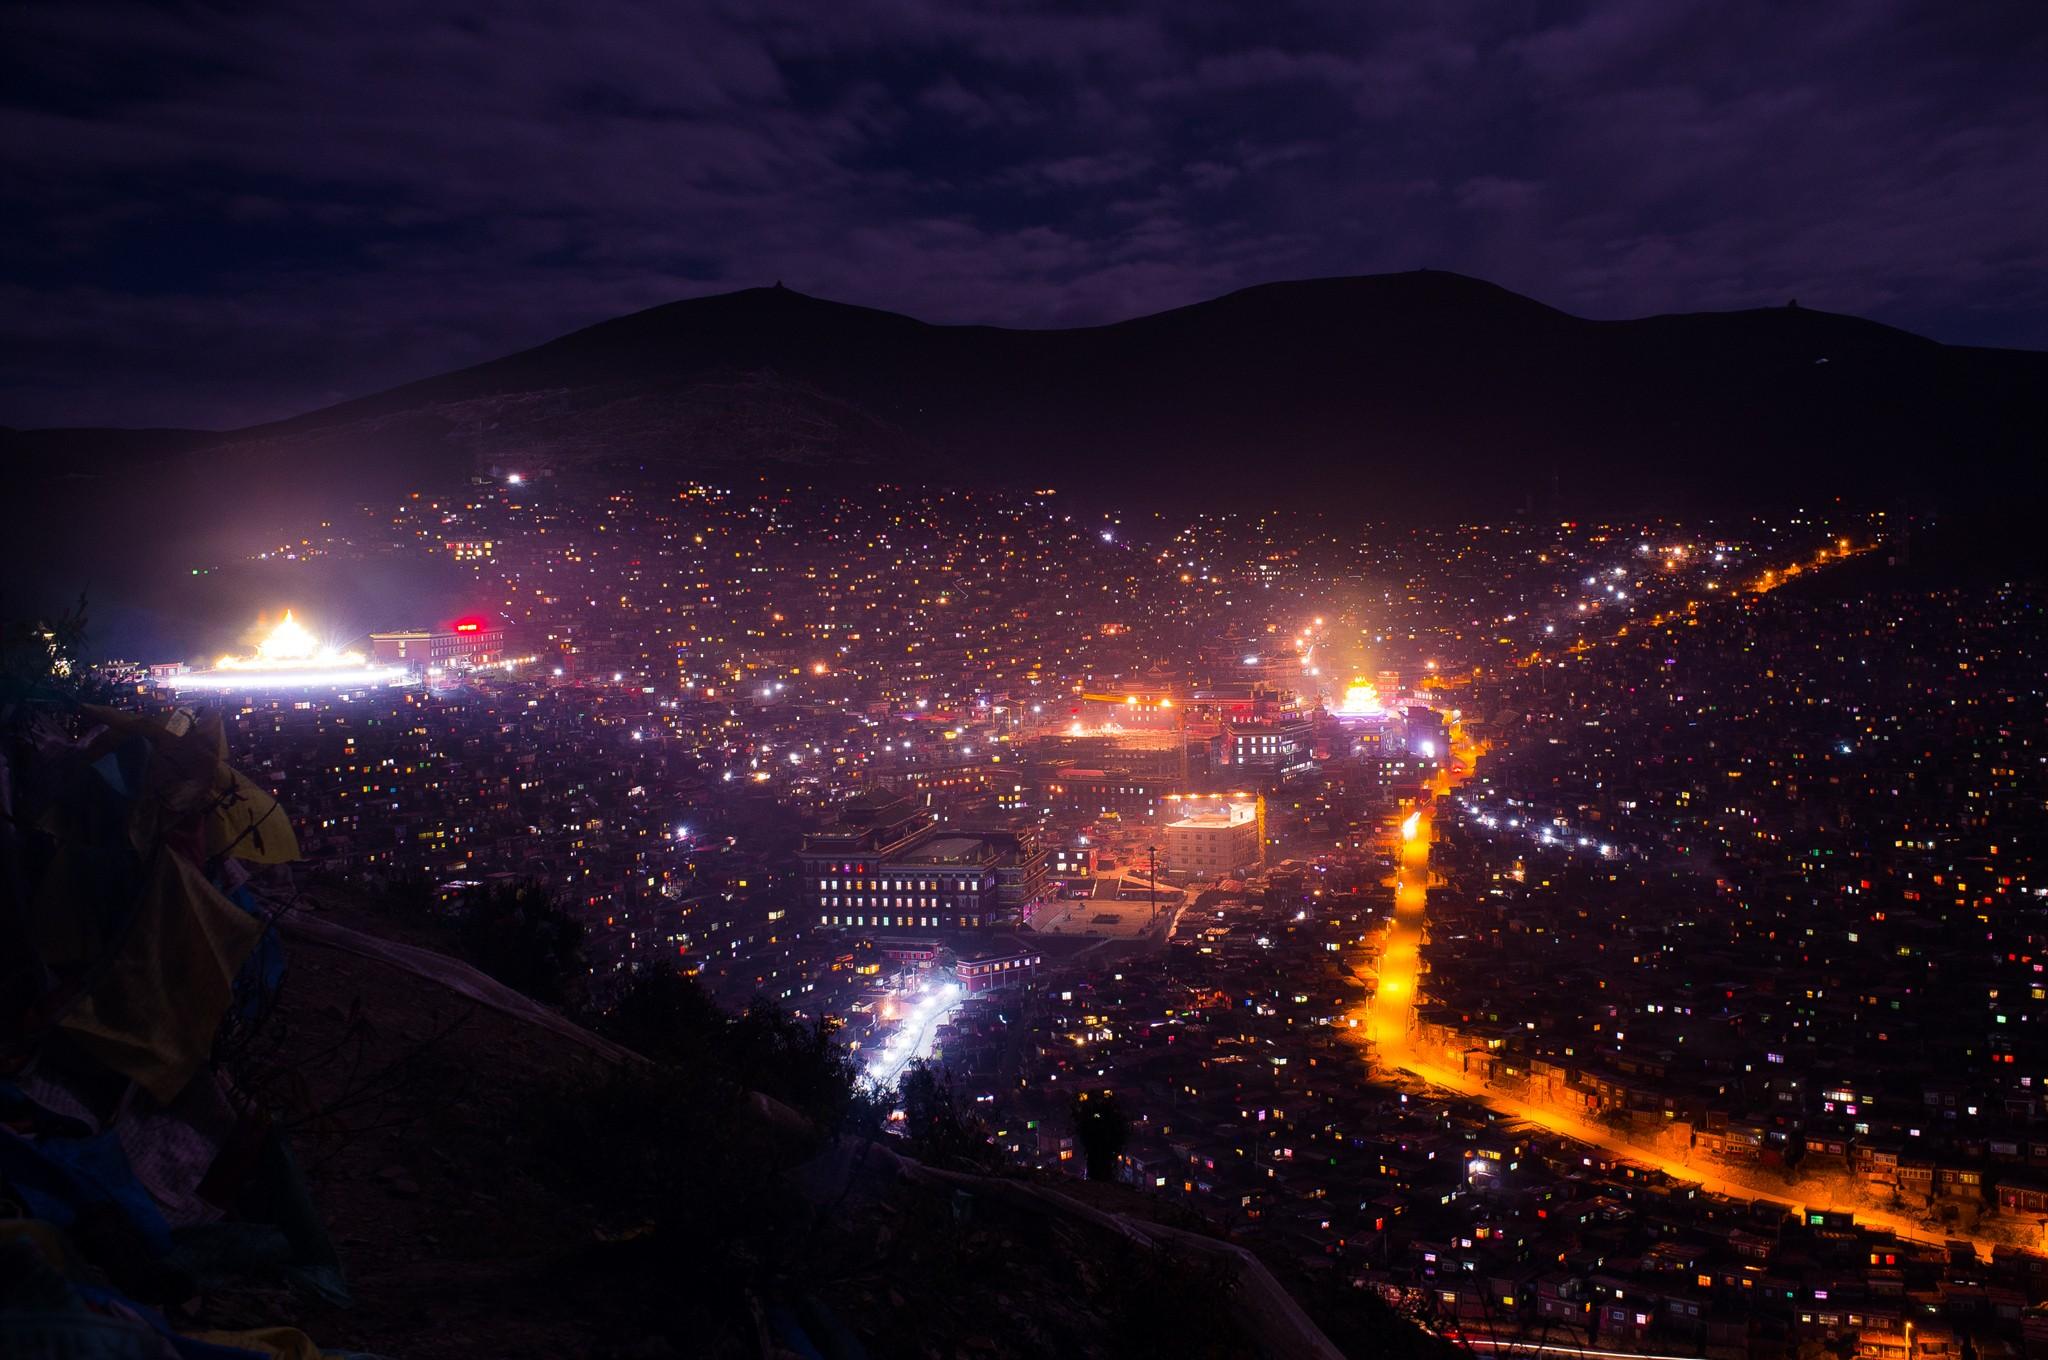 四川一处山坡上密密麻麻数万座僧房,灯光亮起,就像天上的星星